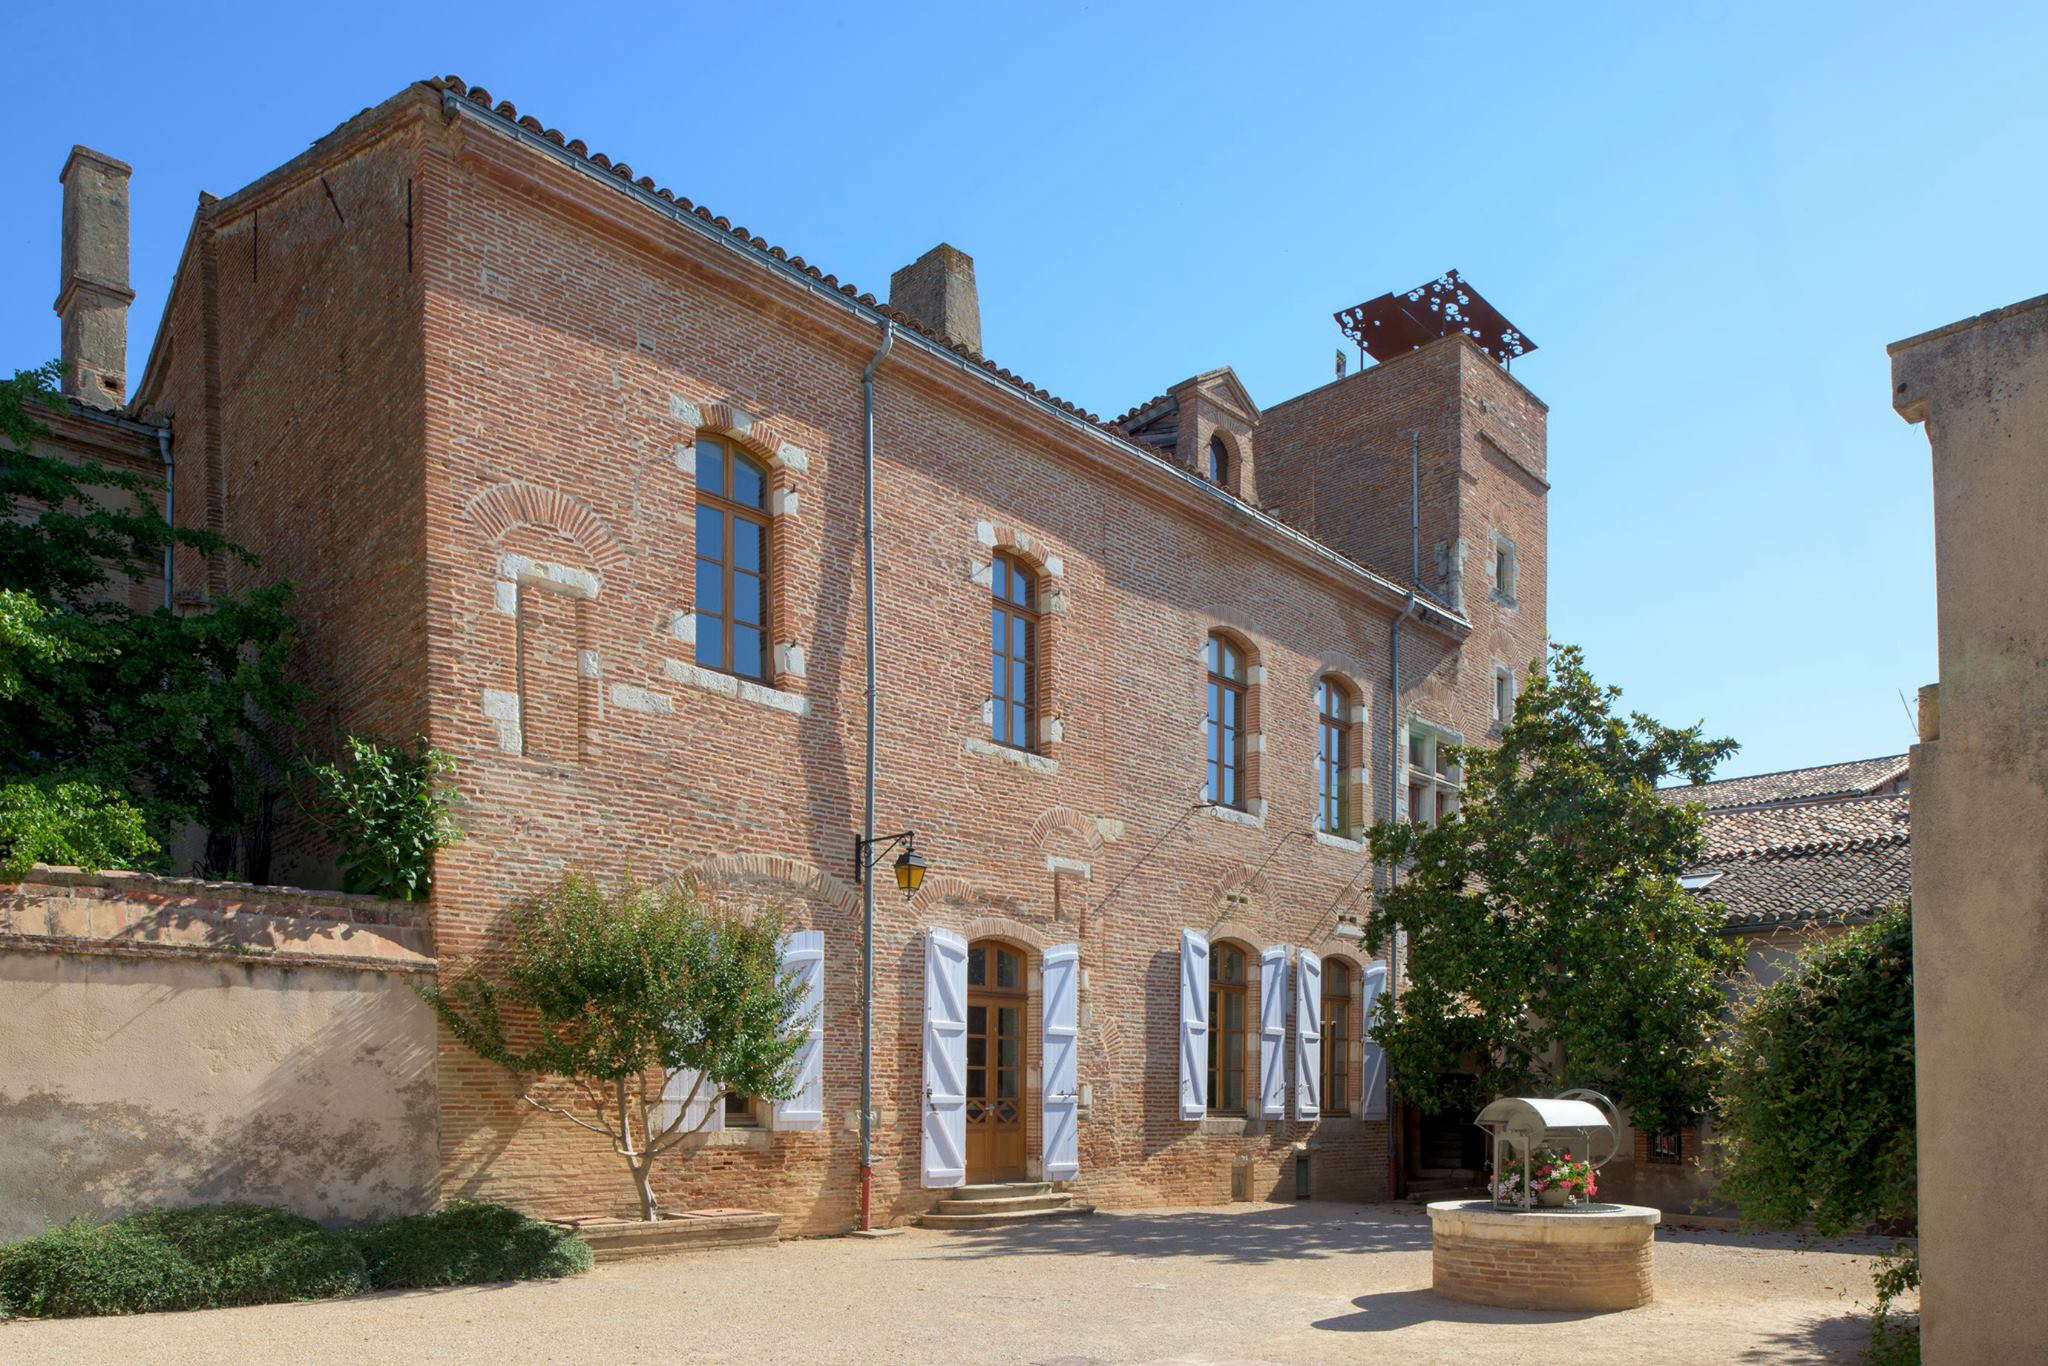 Maison natale de pierre Fermat à Beaumont de Lomagne